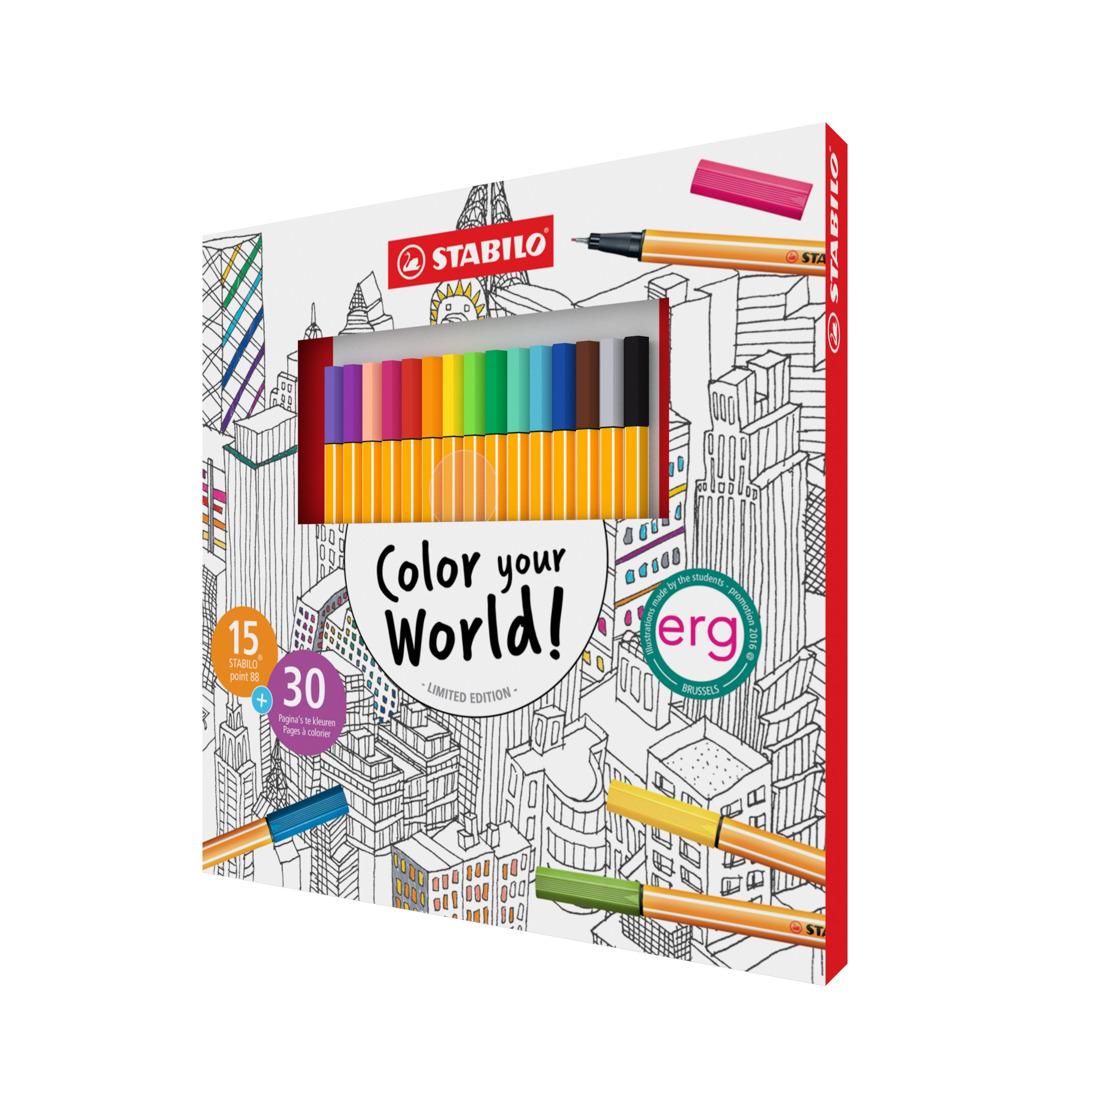 Vaarwel stress! STABILO lanceert een limited edition kleurpakket voor volwassenen